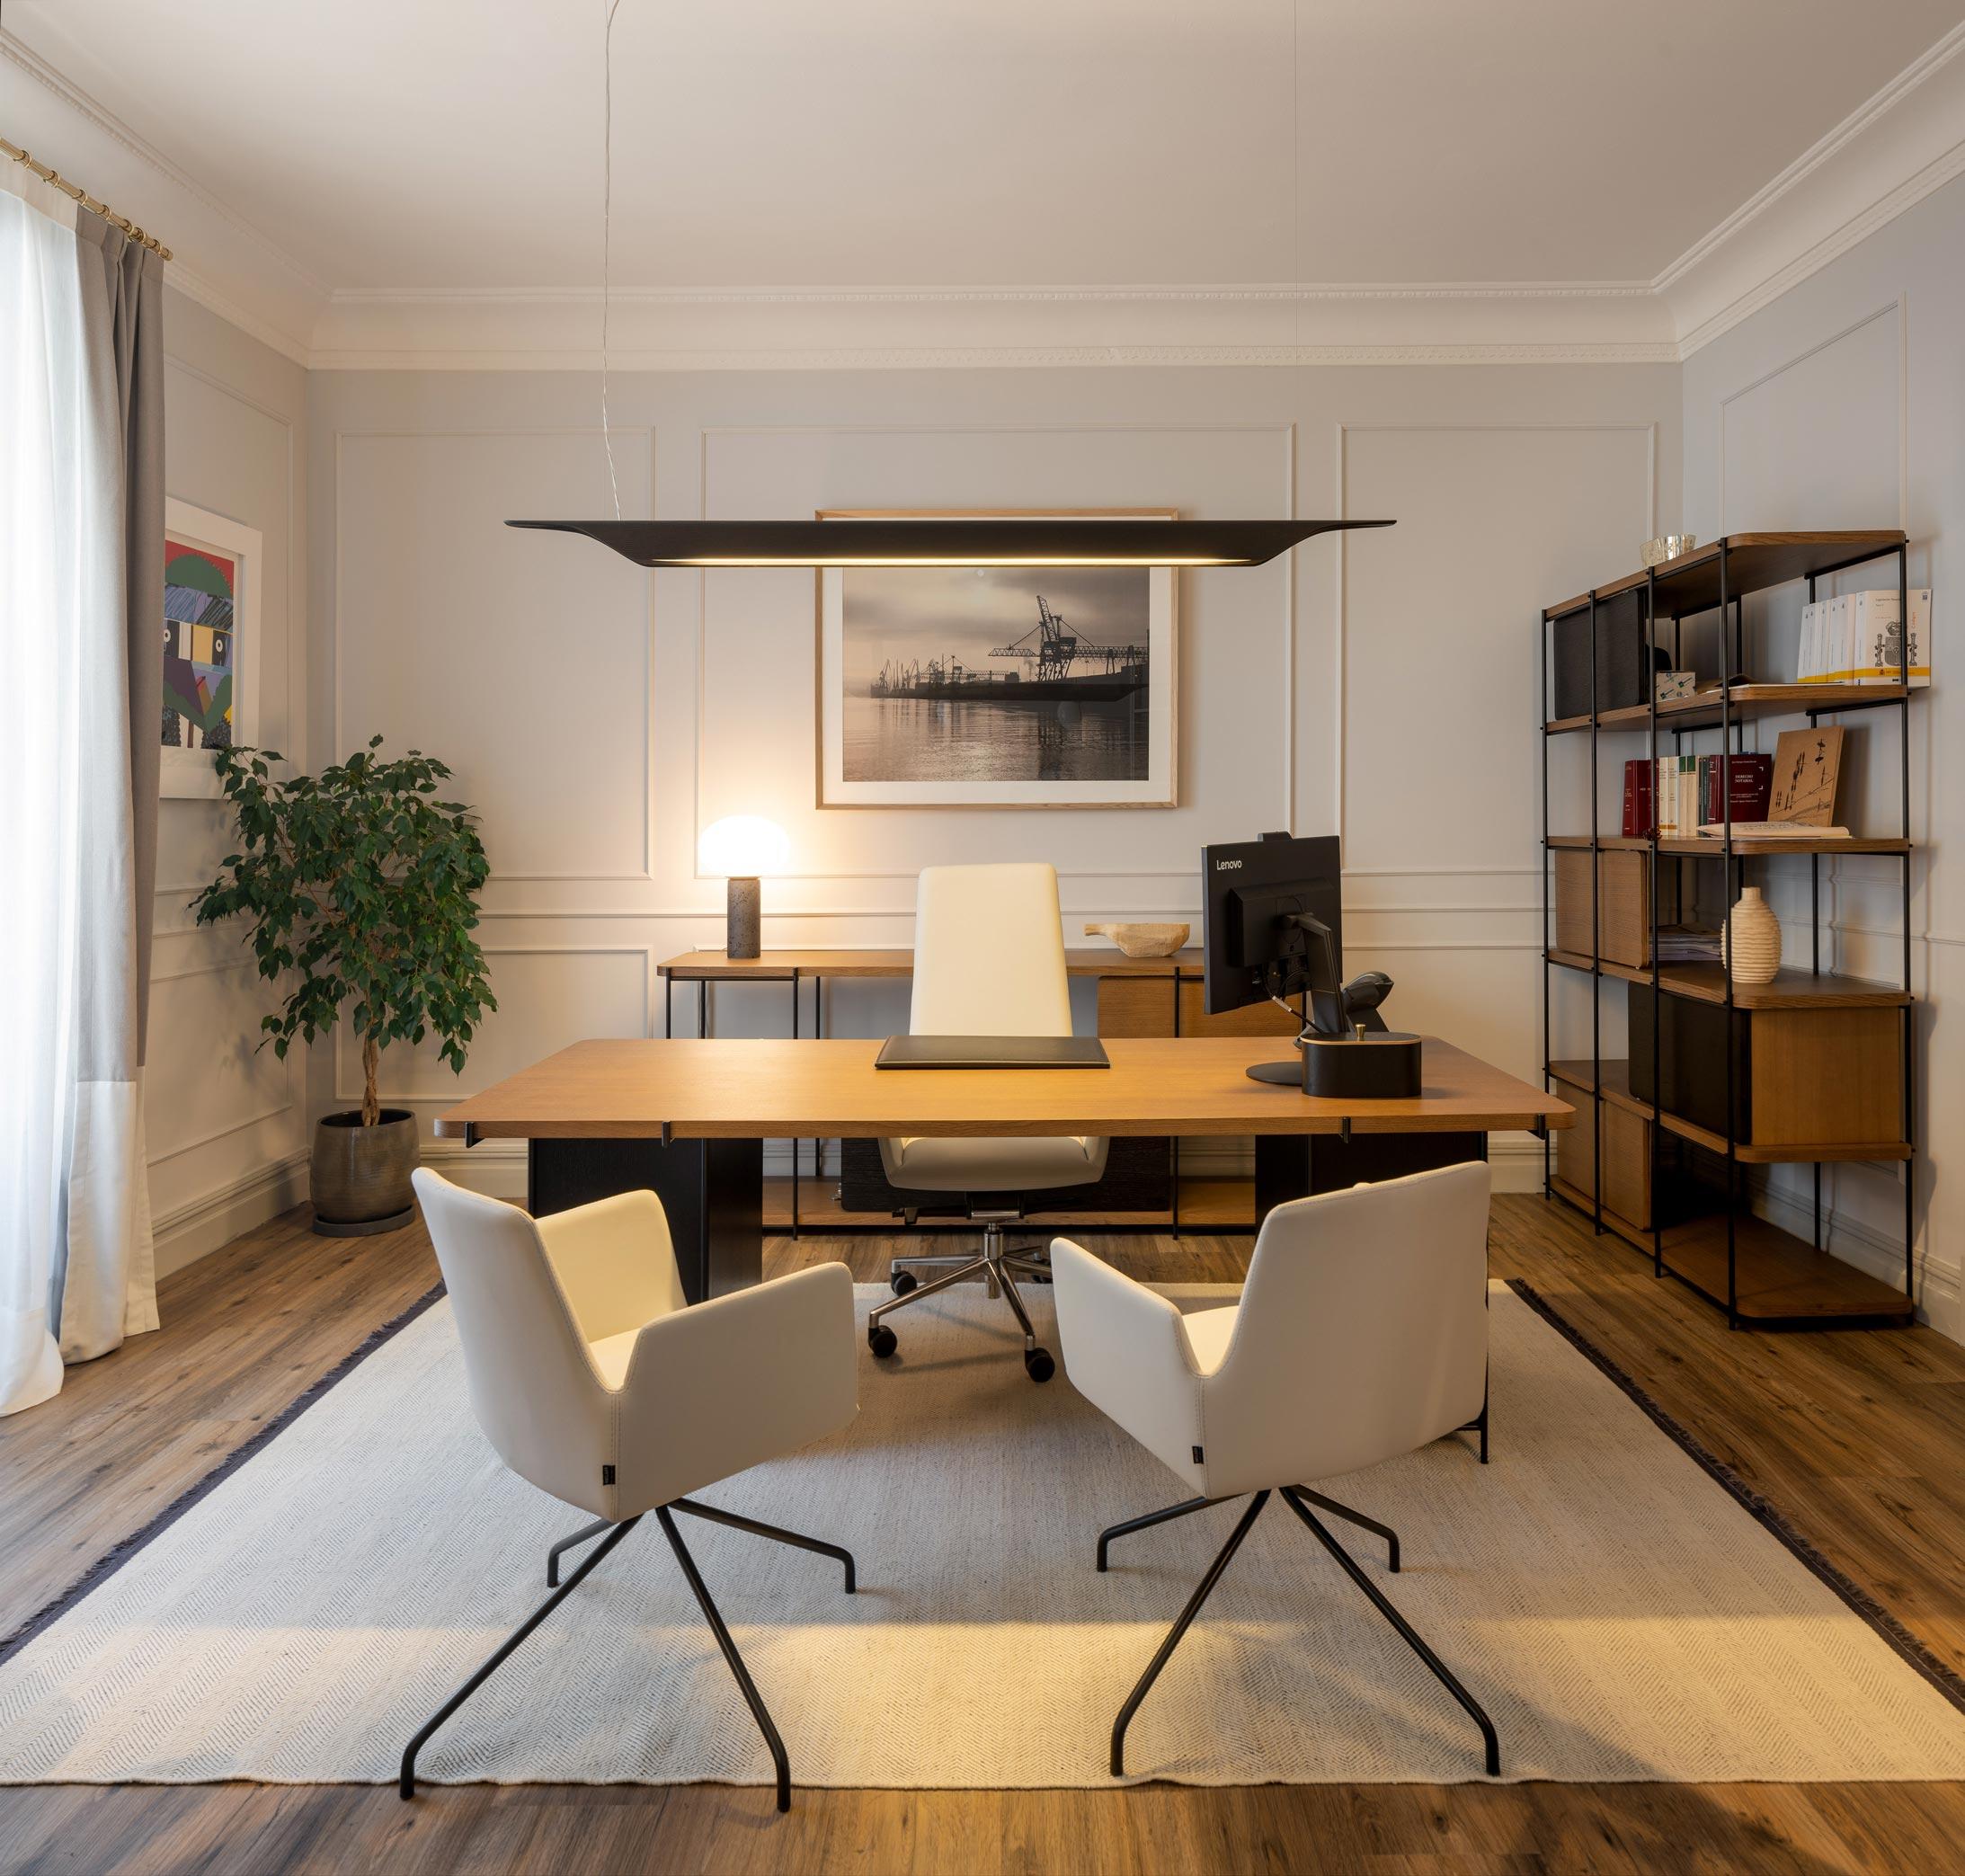 design furniture for office - Momocca